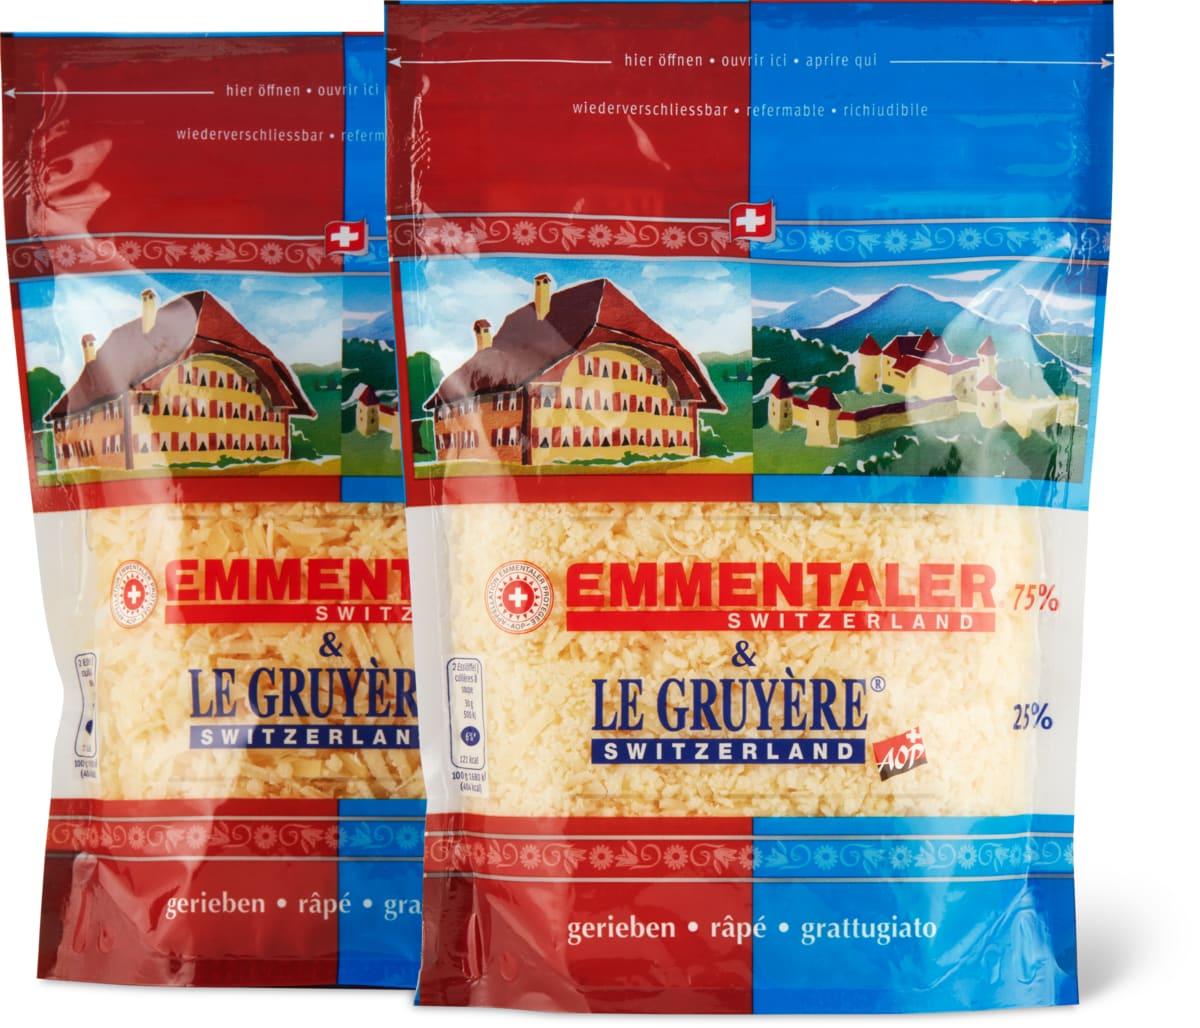 Emmentaler & Le Gruyère Reibkäse, AOP